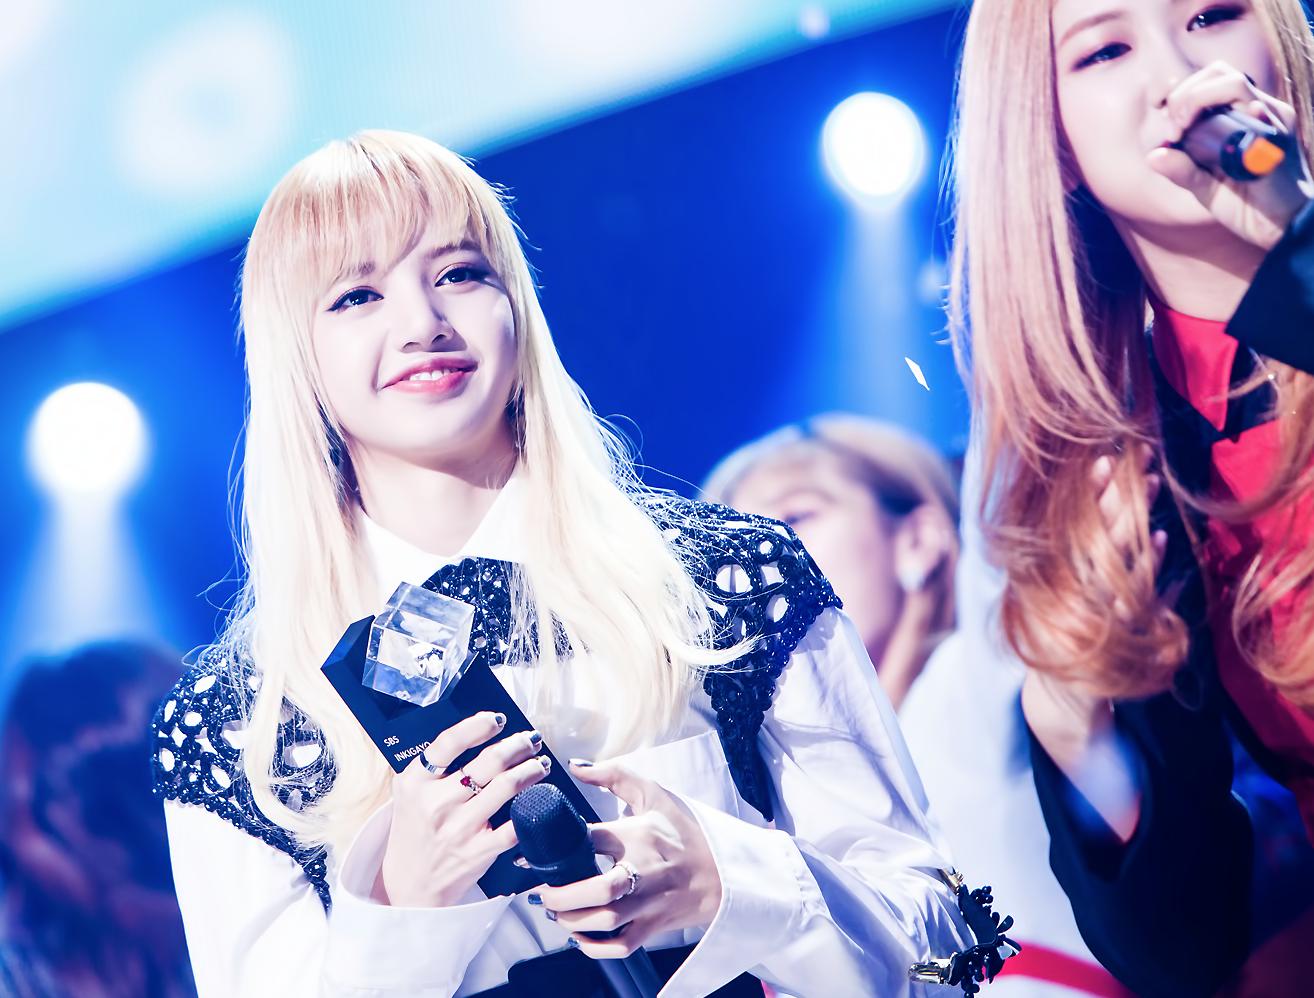 블랙핑크 1위 수상 후 기뻐하는 리사의 모습